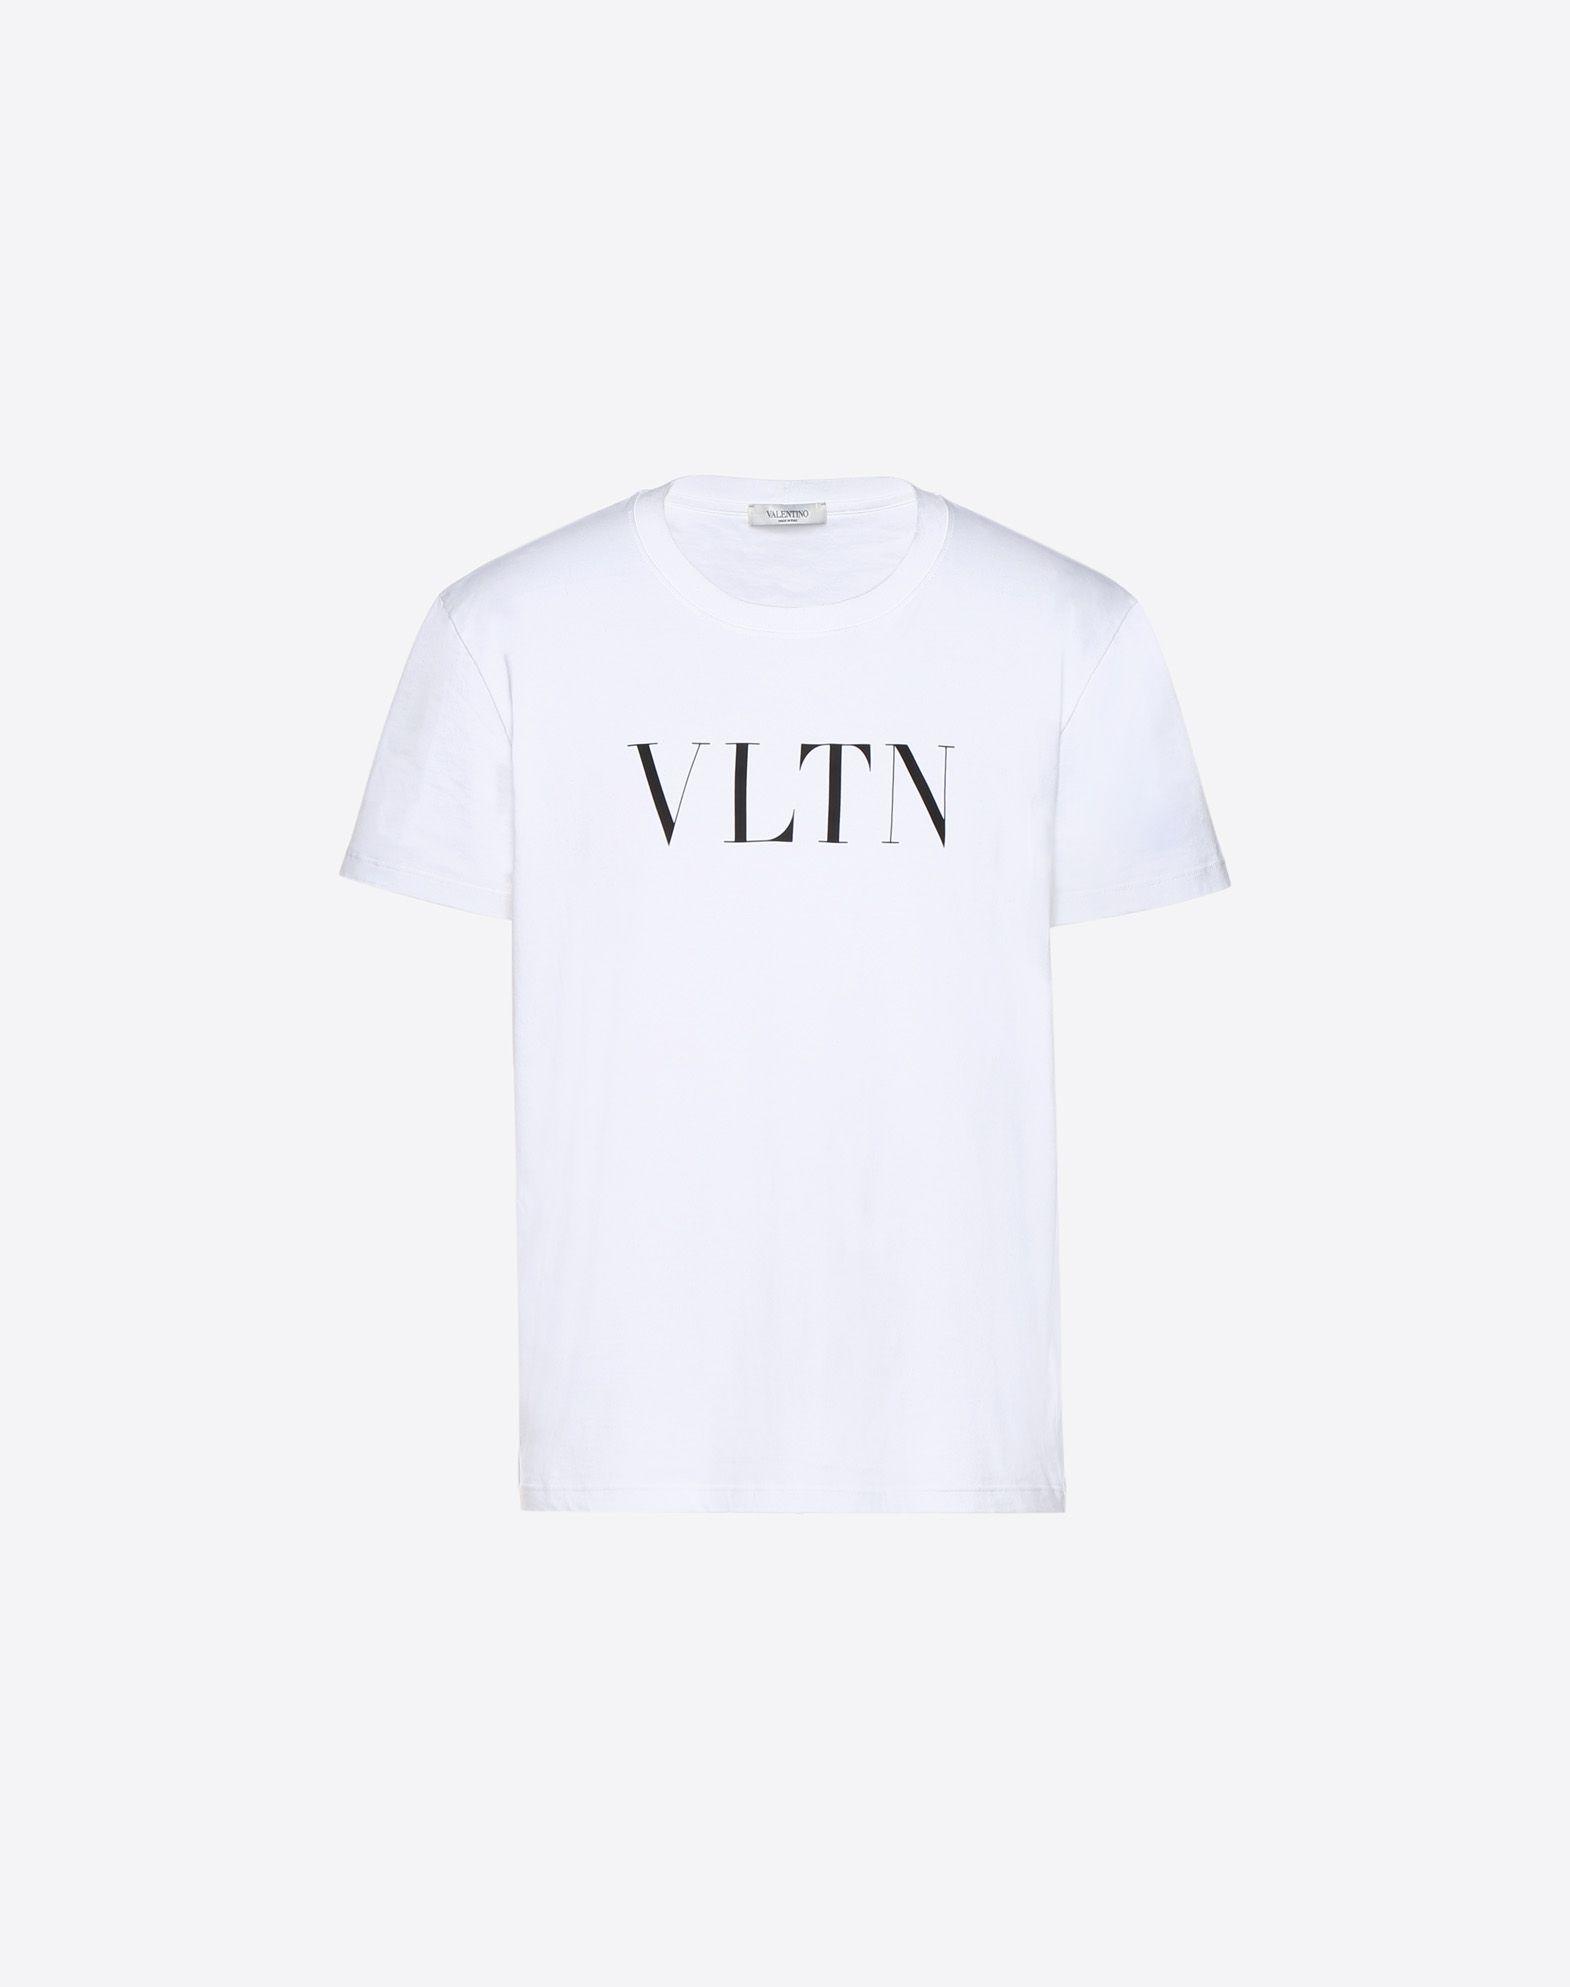 VALENTINO Logo  12191780vg